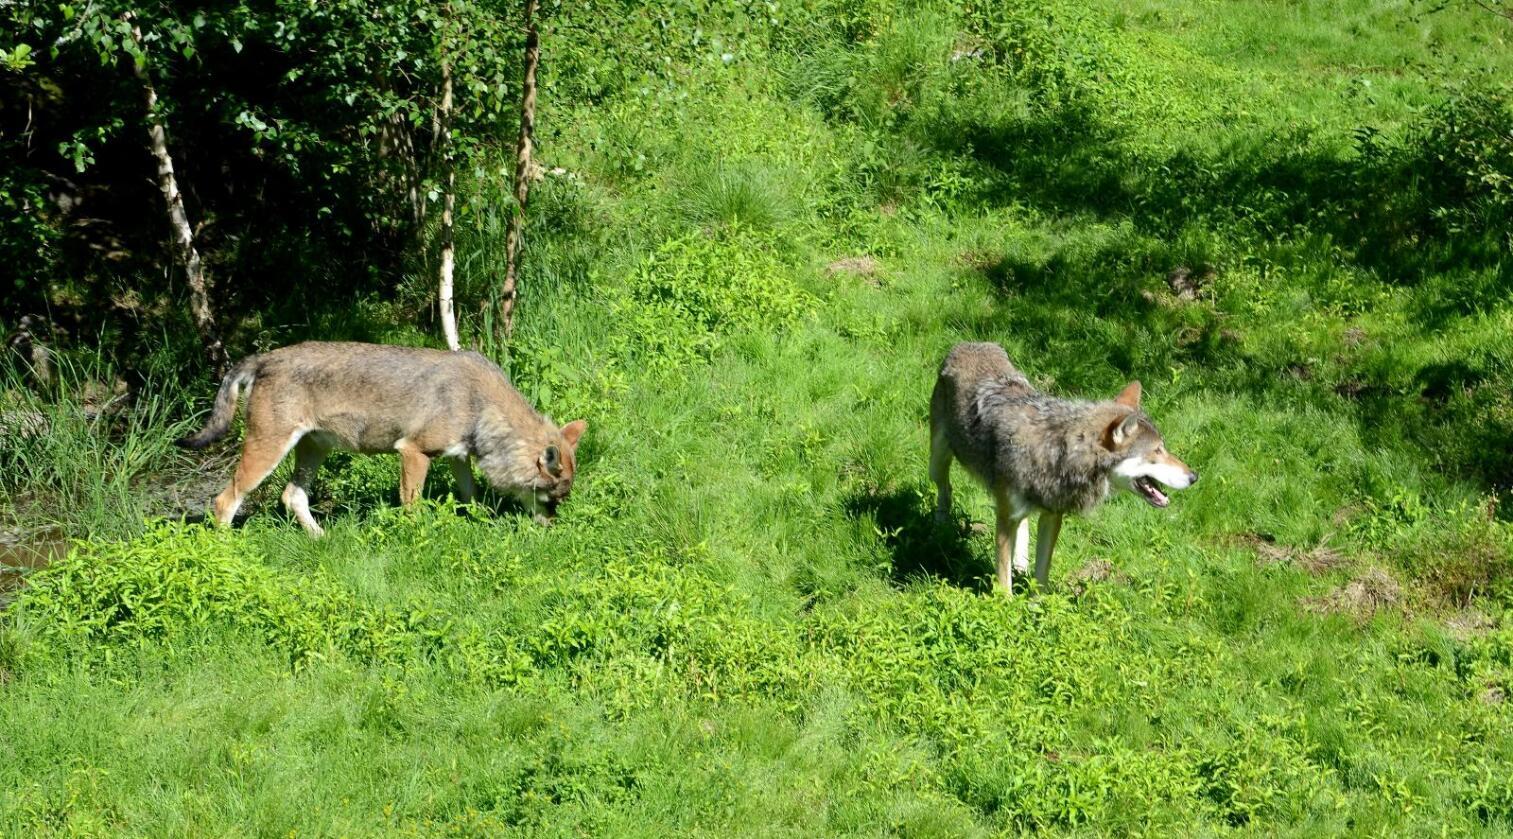 Rovviltnemdene i Norge vedtok i fjor å felle til sammen 15 ulver, men av disse er kun sju dyr felt foreløpig. I tillegg til de fem ulvene i Hedmark er det skutt en ulv i nødverge i Lierne i Nord-Trøndelag og ett dyr under lisensjakt i Froland i Agder. (Arkivfoto)